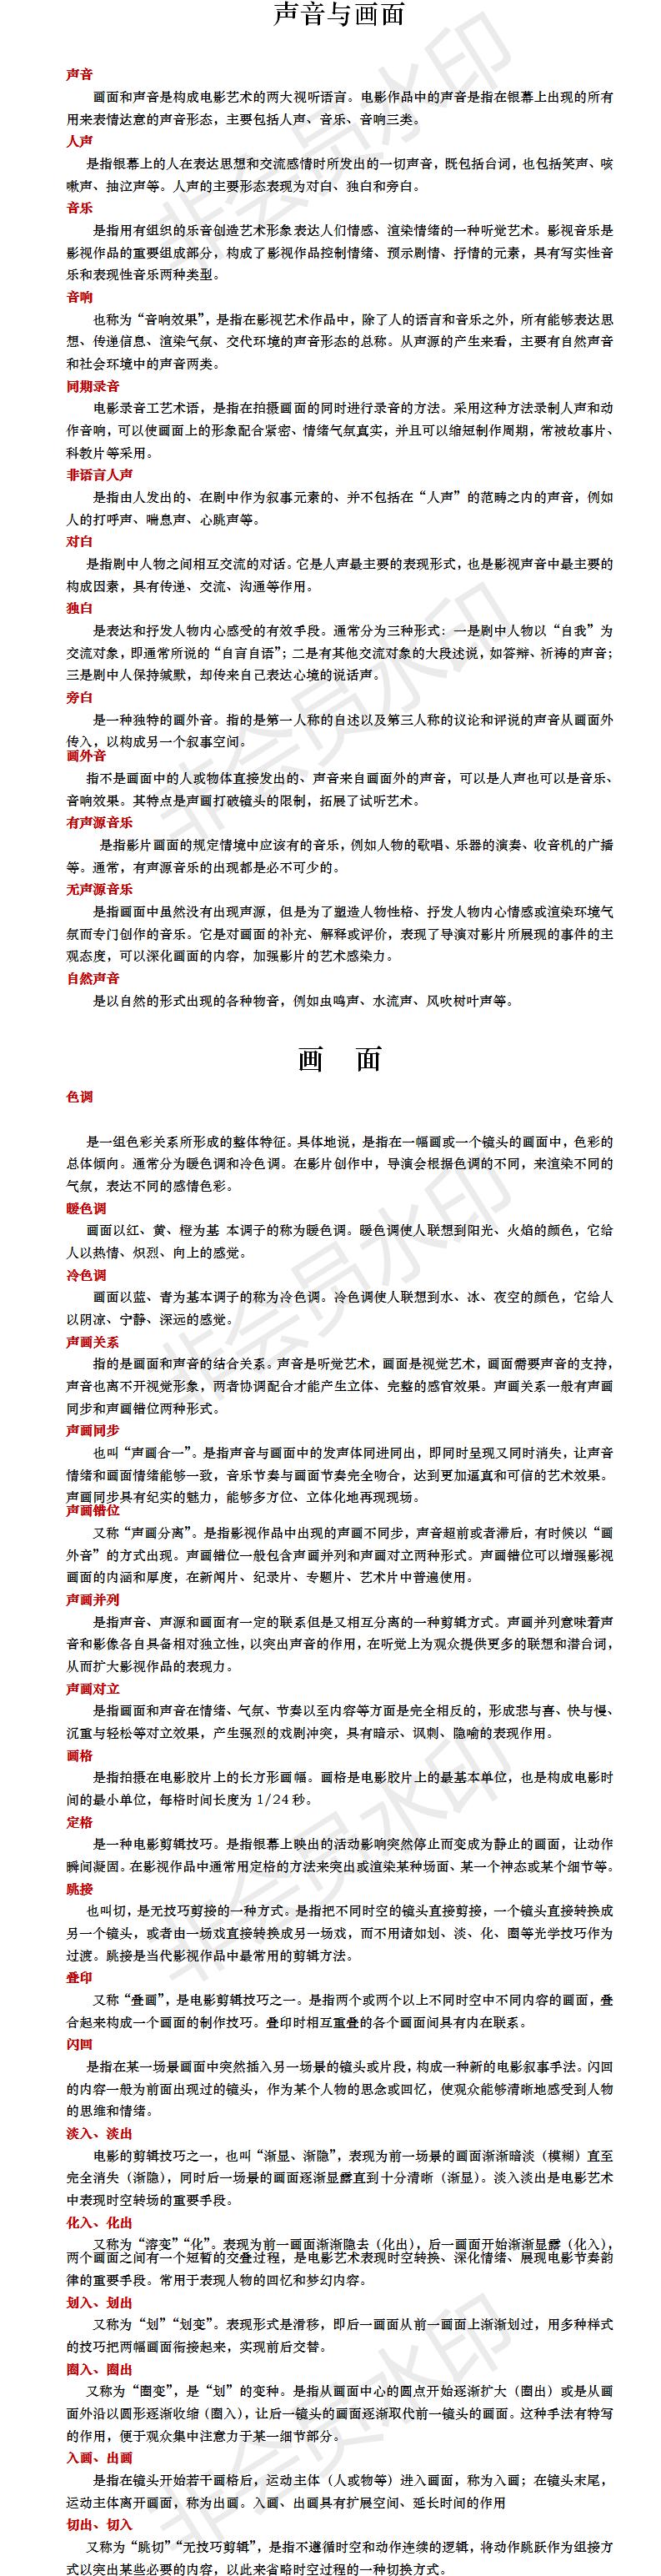 20190602编导故事写作基础课件